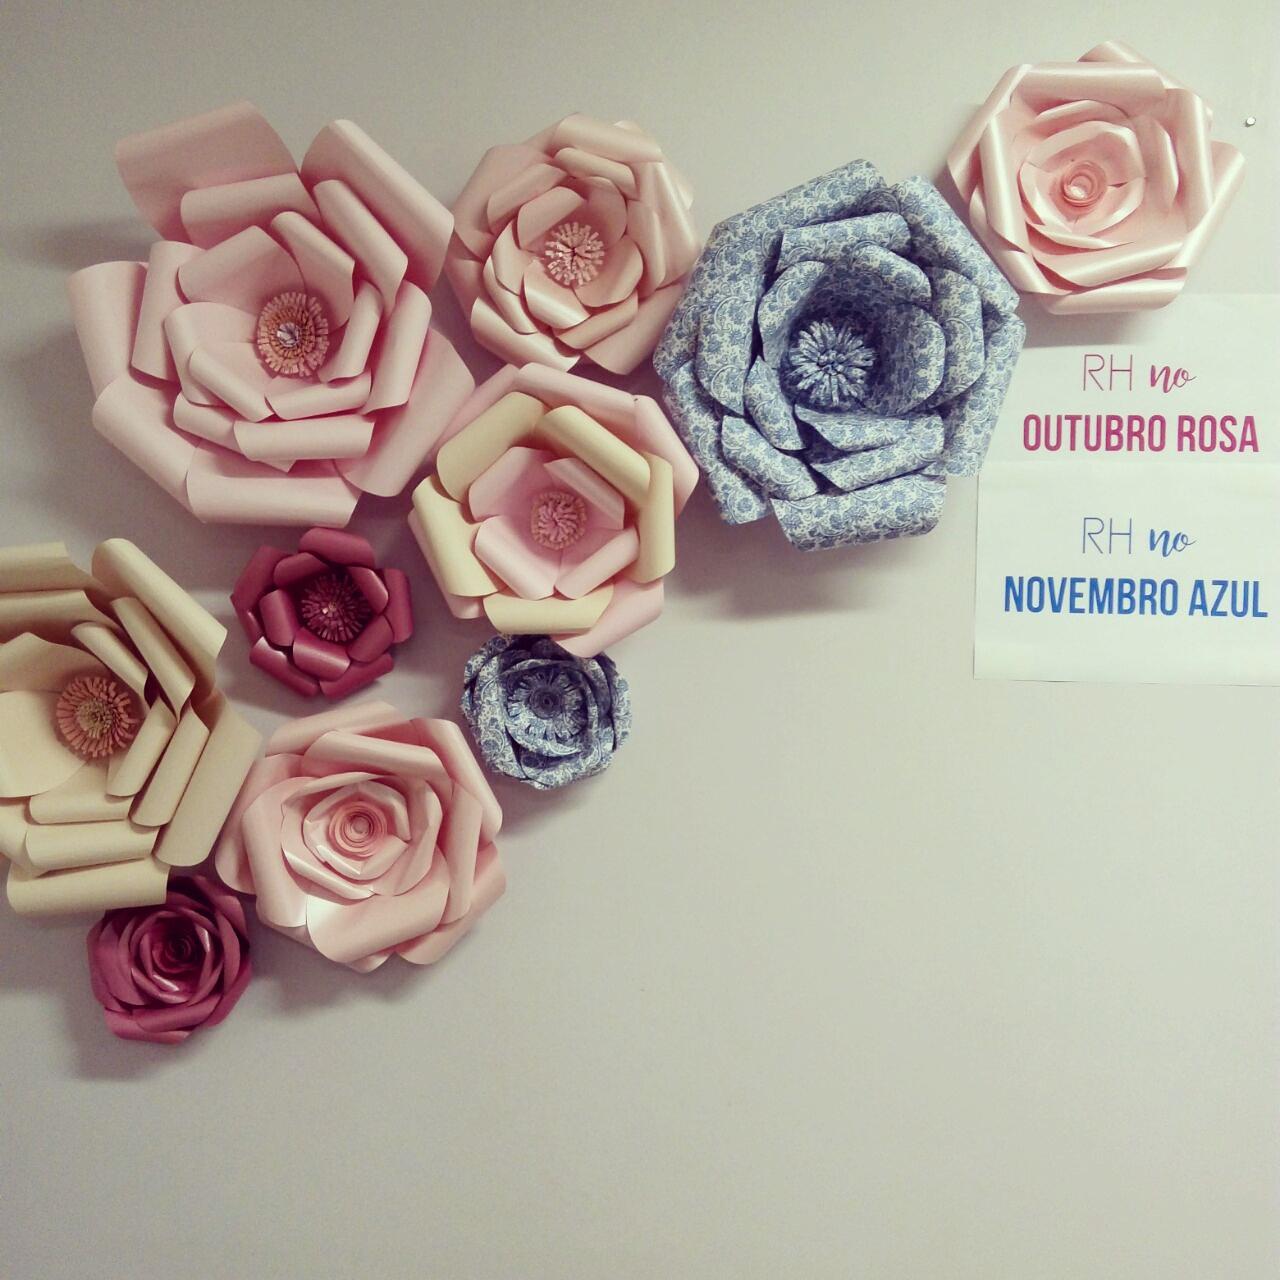 Suficiente LuTsuru Origamis Especiais : Outubro Rosa - Novembro Azul KH82